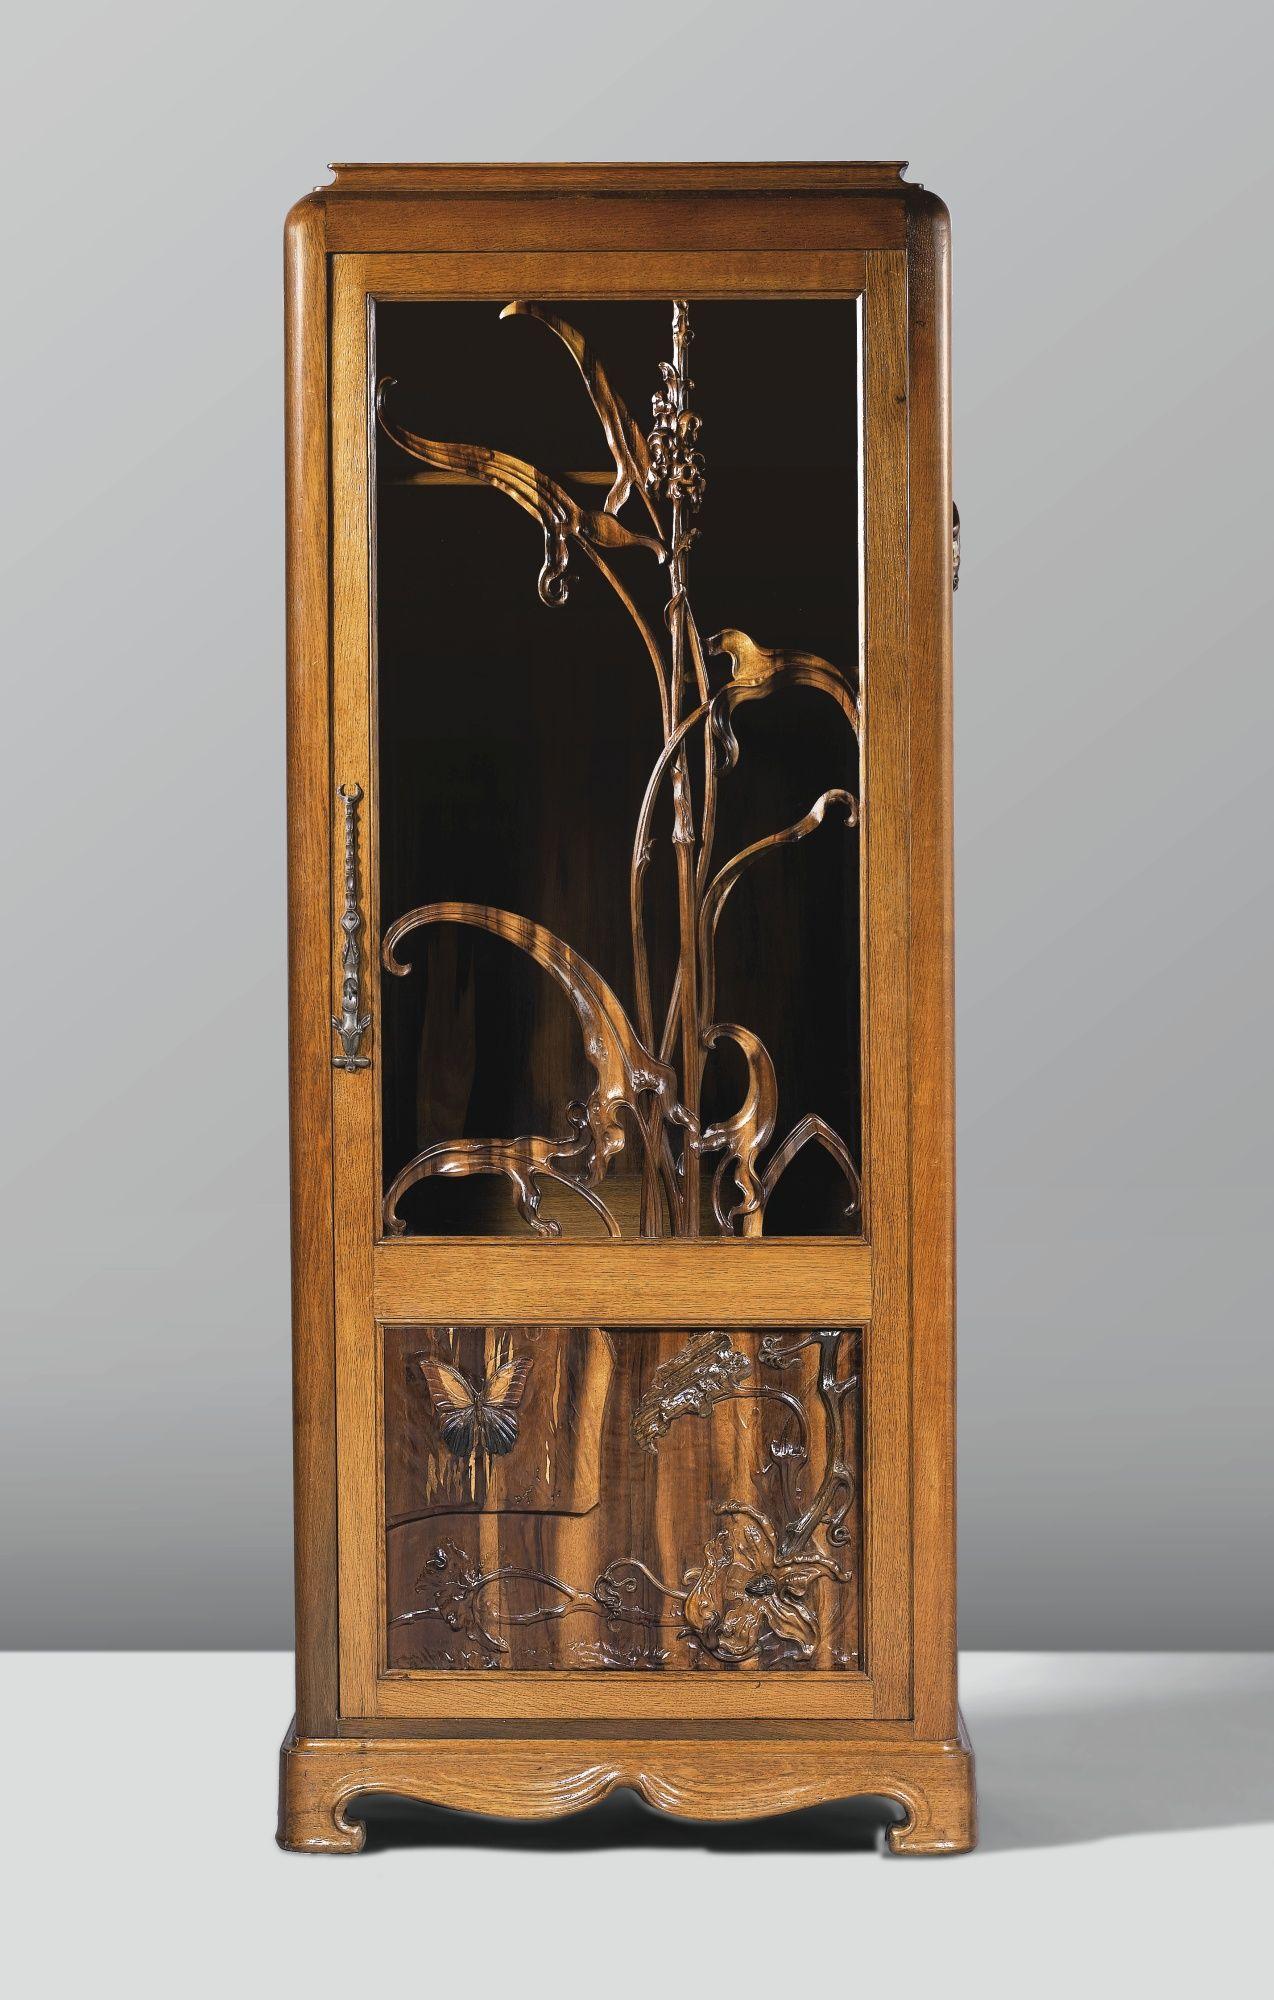 Emile gall lot sotheby 39 s decoraci n pinterest for Decoracion art nouveau